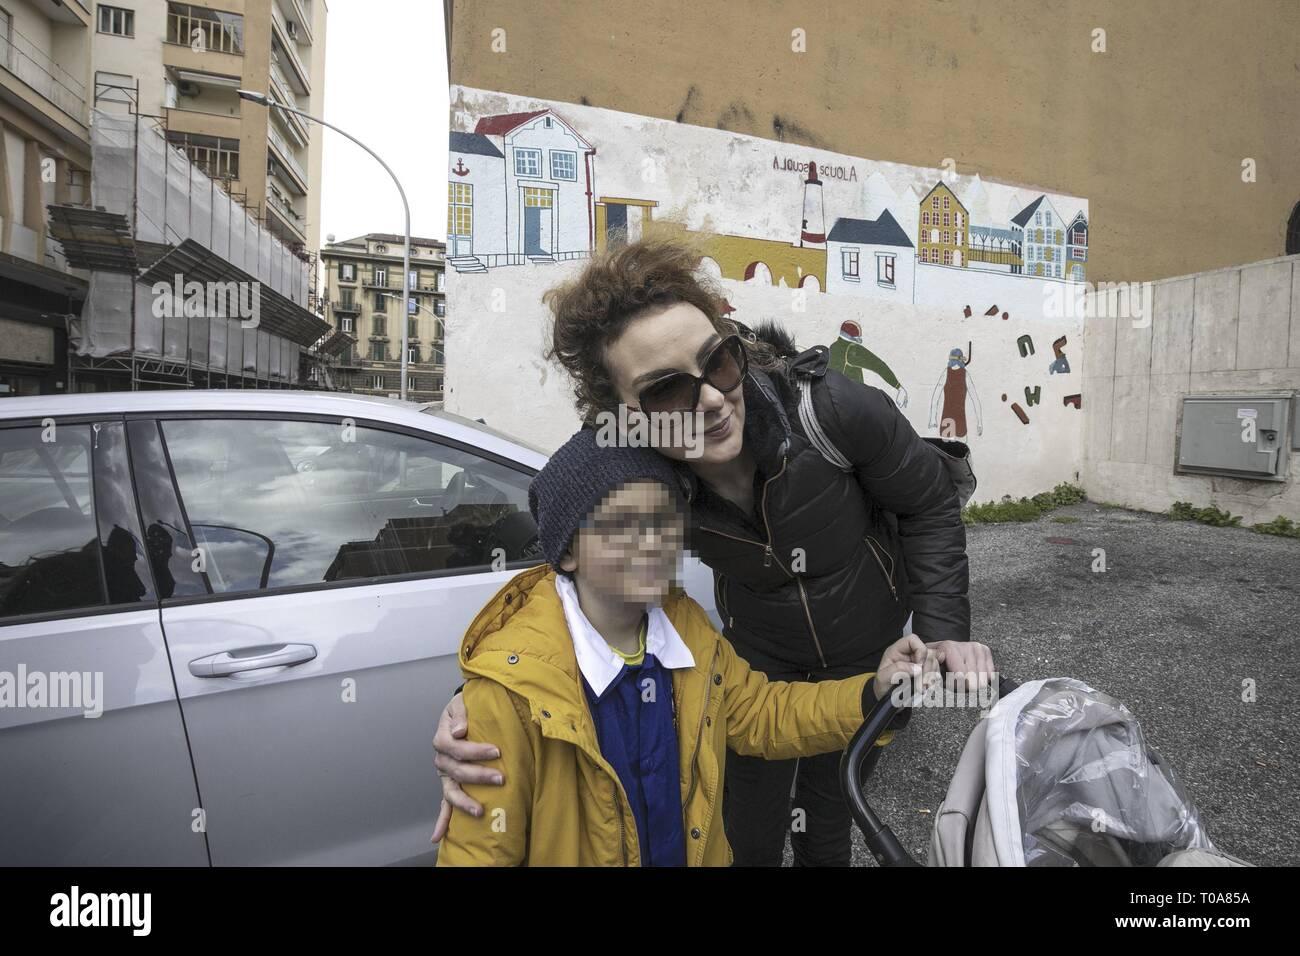 Foto Carlo Lannutti/LaPresse 18-03 - 2019 Roma, Italia Cronaca.  Bimbo immunodepresso: Matteo finalmente torna a scuola  Nella foto: Matteo con la mamma Sara Stock Photo